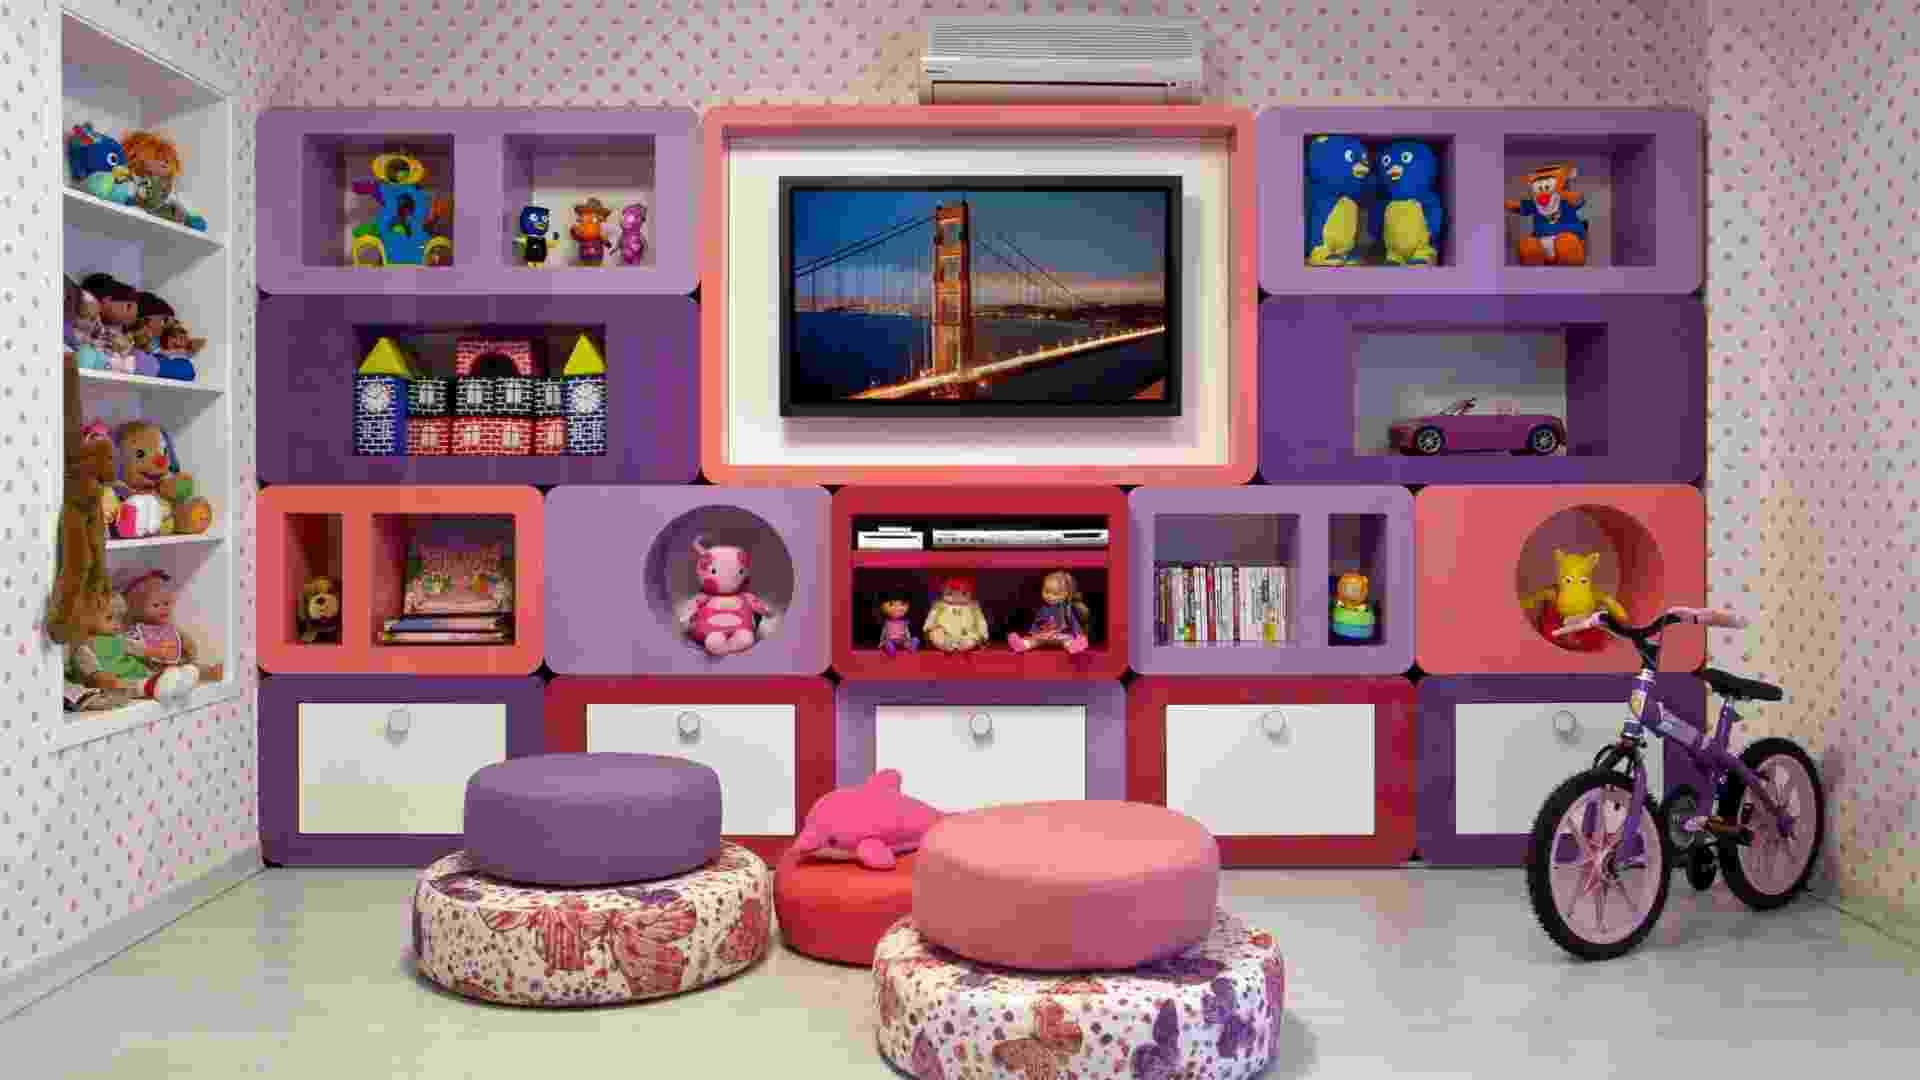 quarto de brincar projetado pela arquiteta Andrea Chicharo - Rodrigo Azevedo/Divulgação